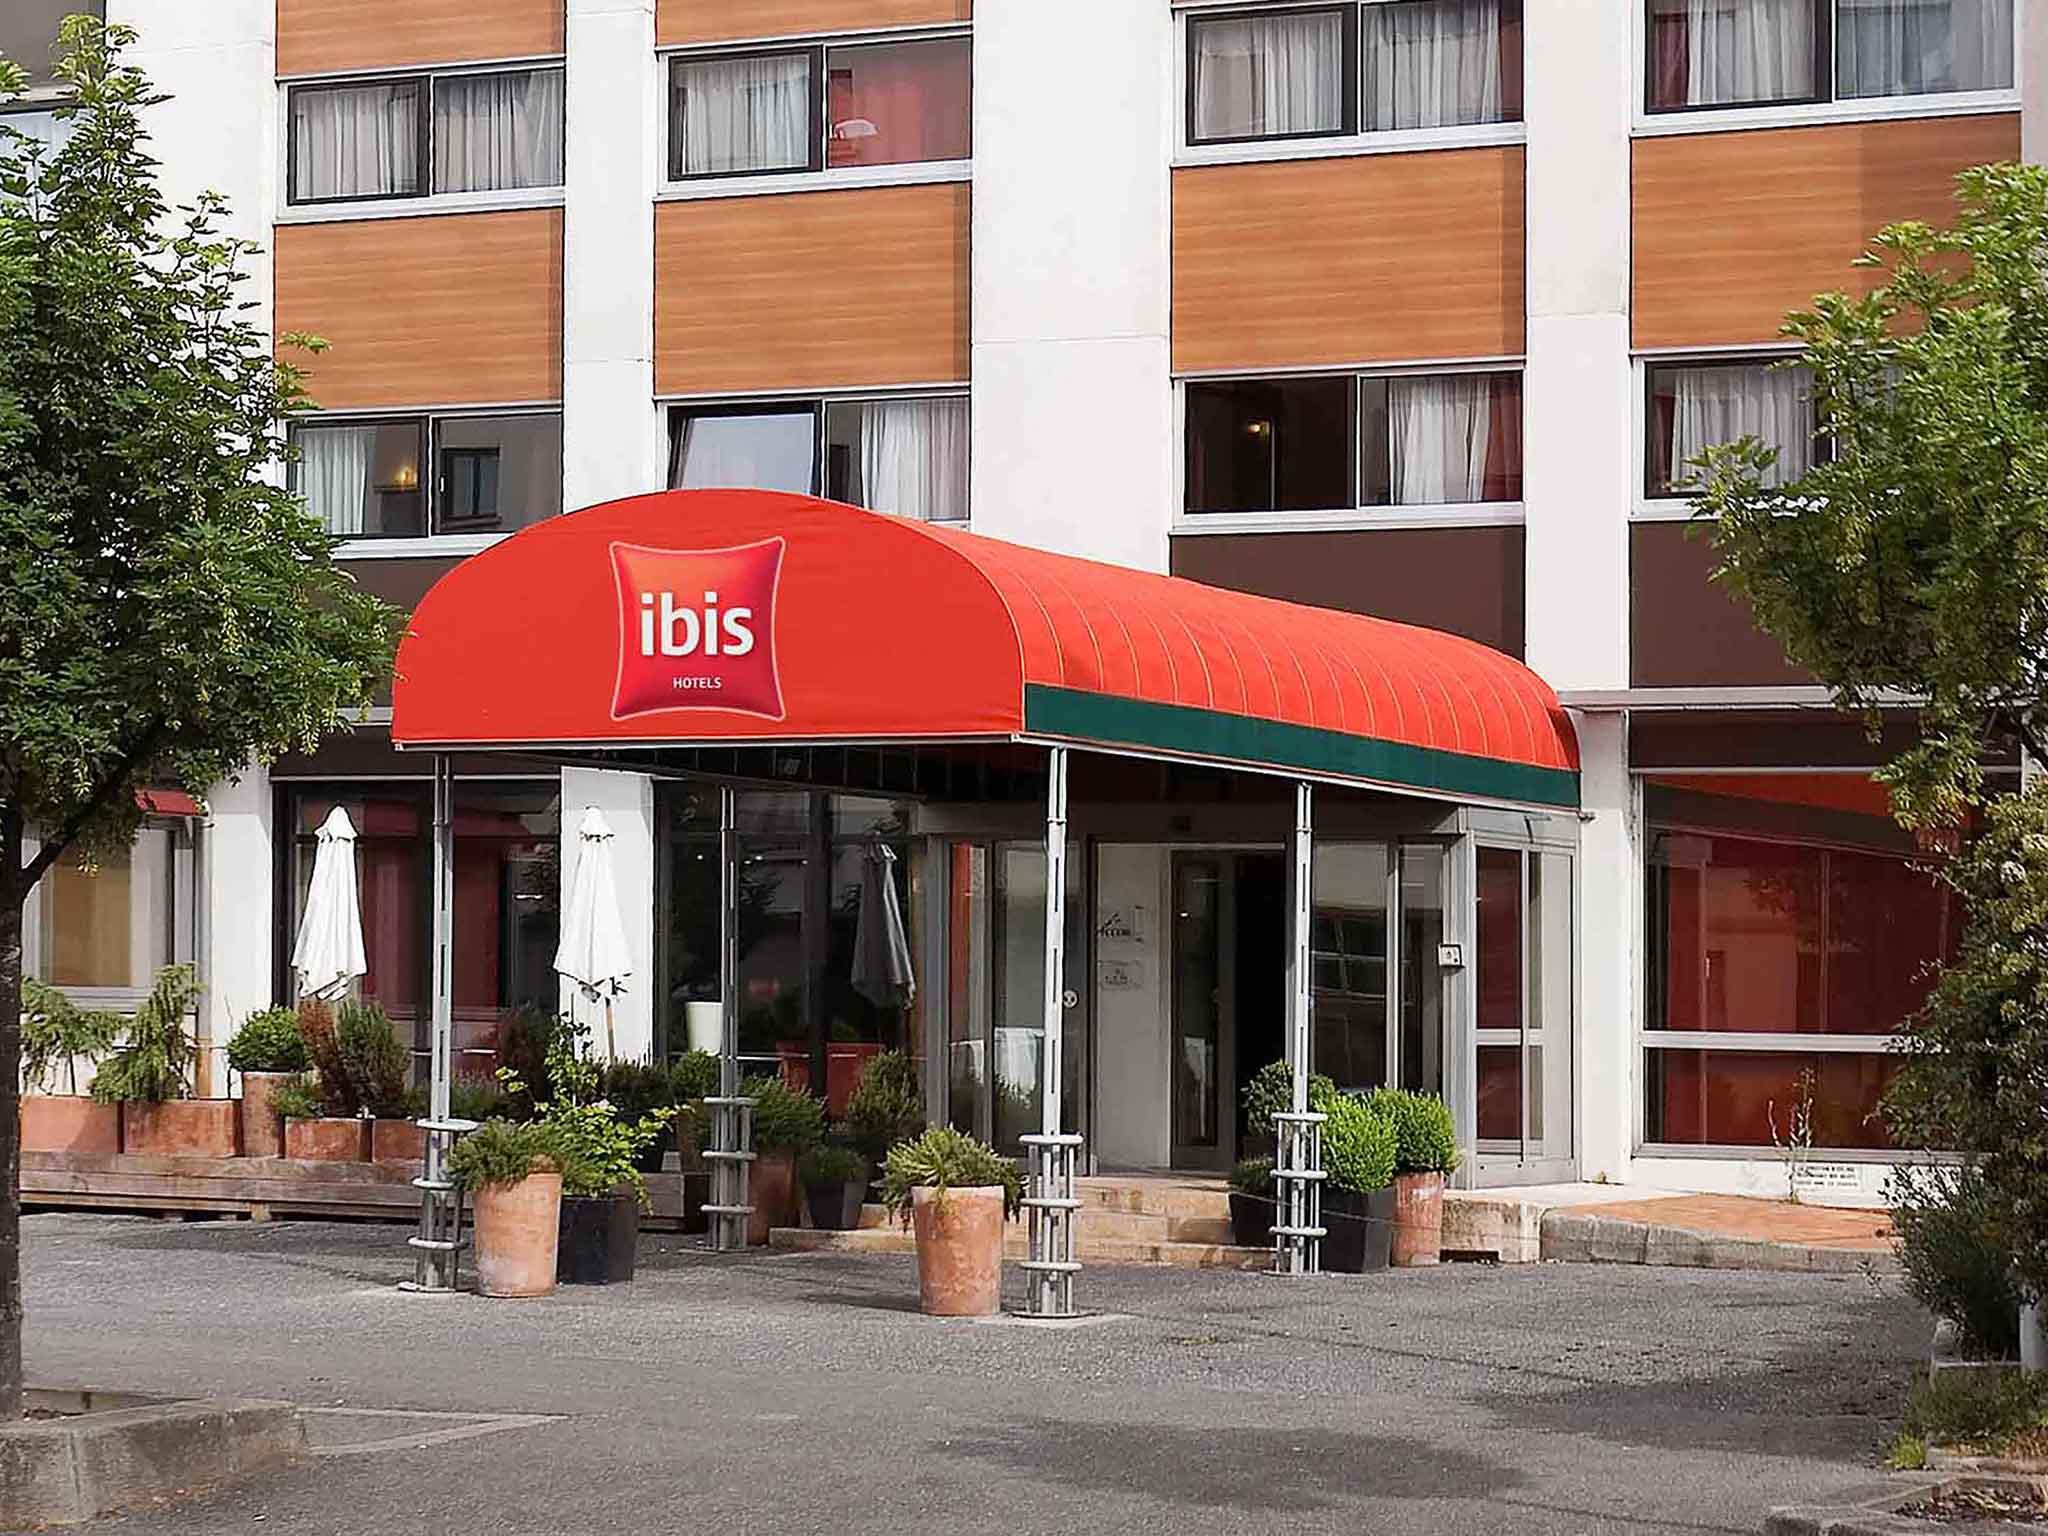 Hotel in ambilly ibis annemasse for Appart hotel ibis